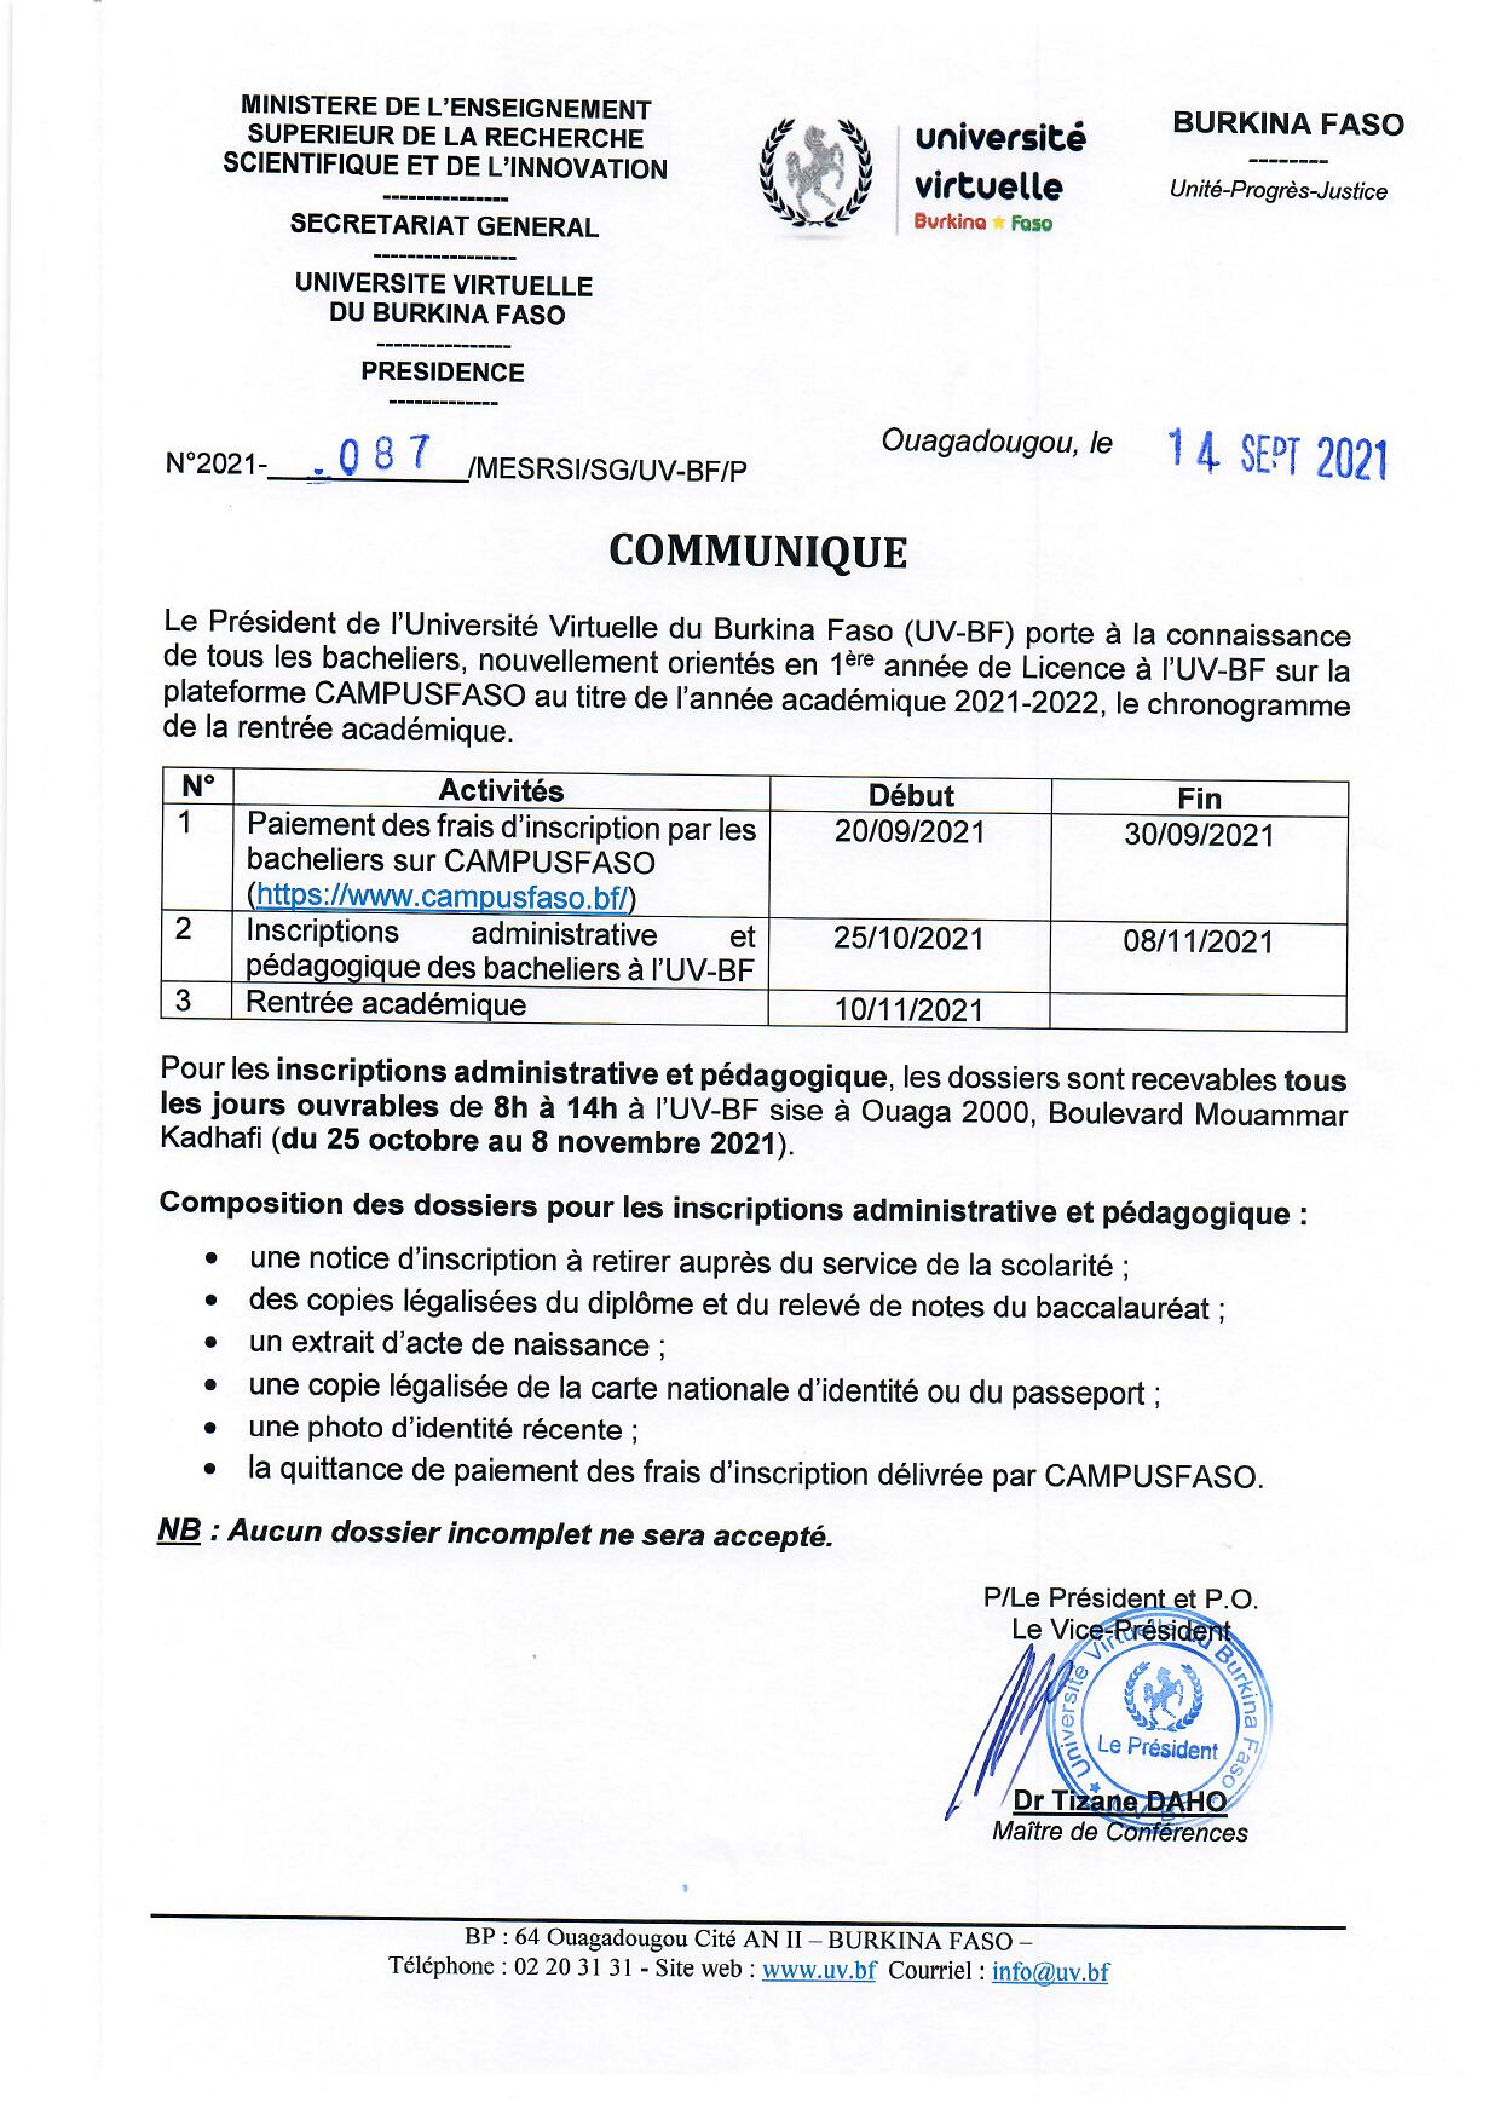 Chronogramme de la rentrée académique 2021-2022 des nouveaux bacheliers orientés à l'UV-BF